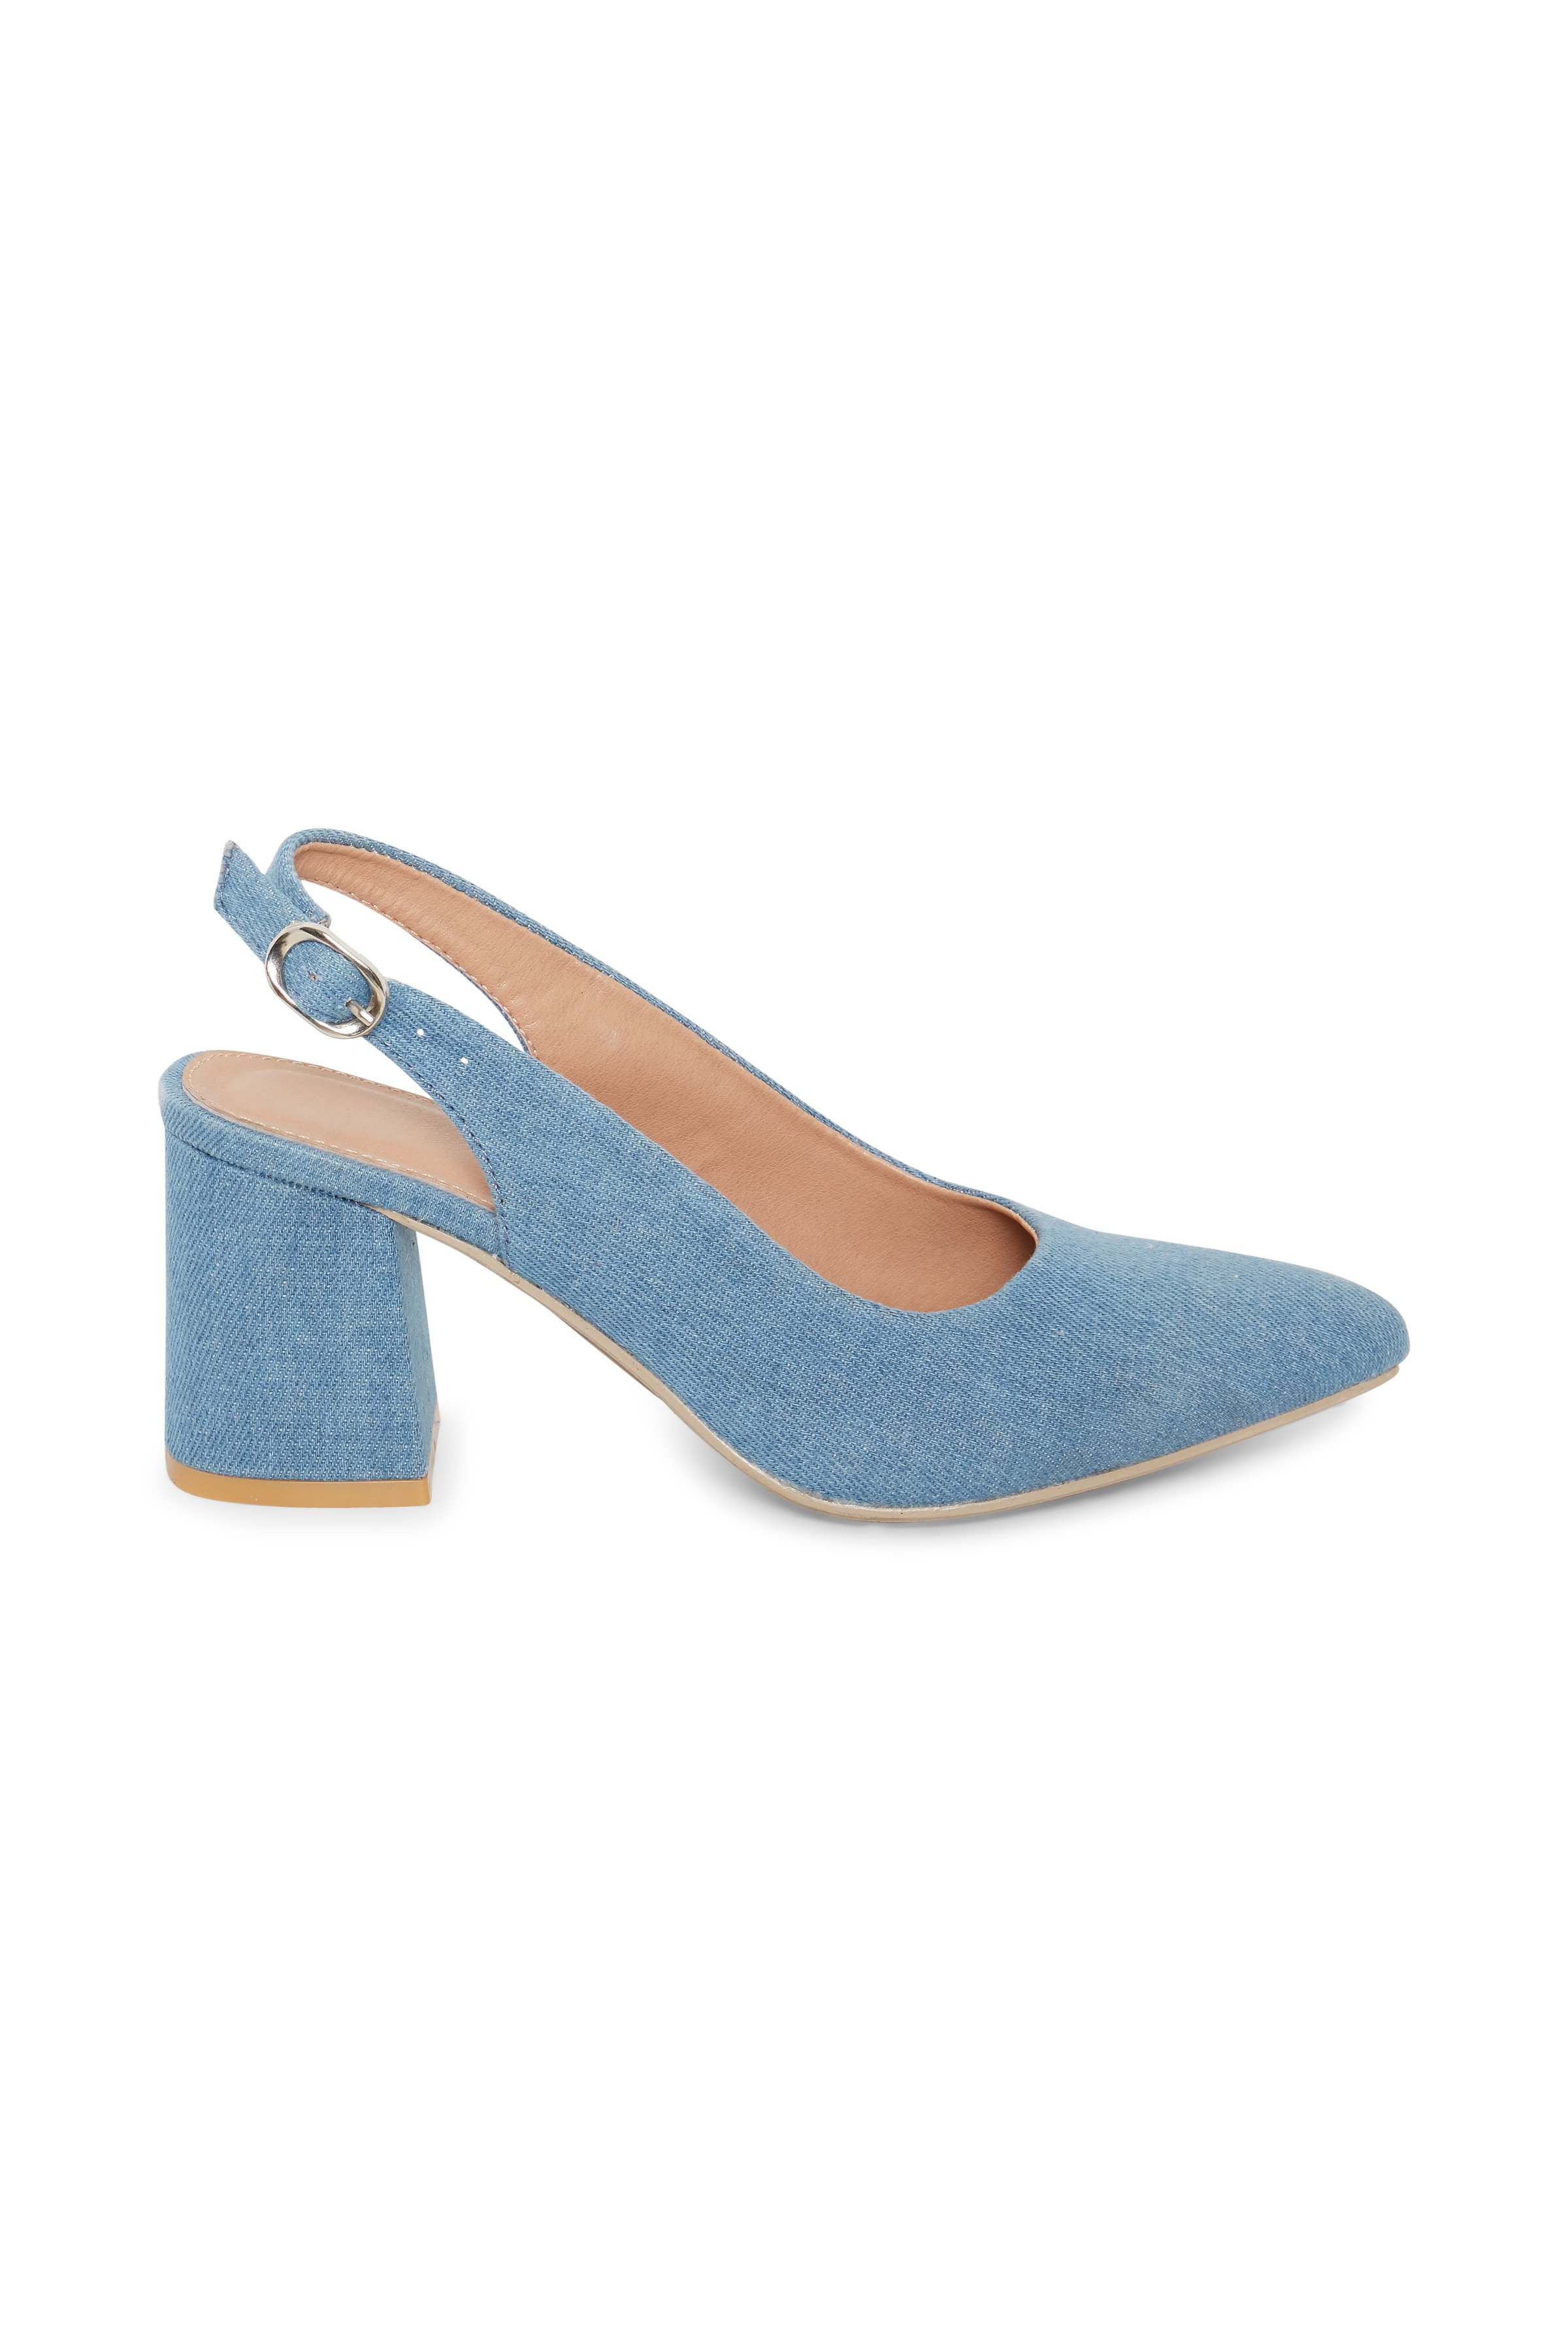 Hellblau Schuh von Ichi - accessories – Shoppen Sie Hellblau Schuh ab Gr. 36-41 hier